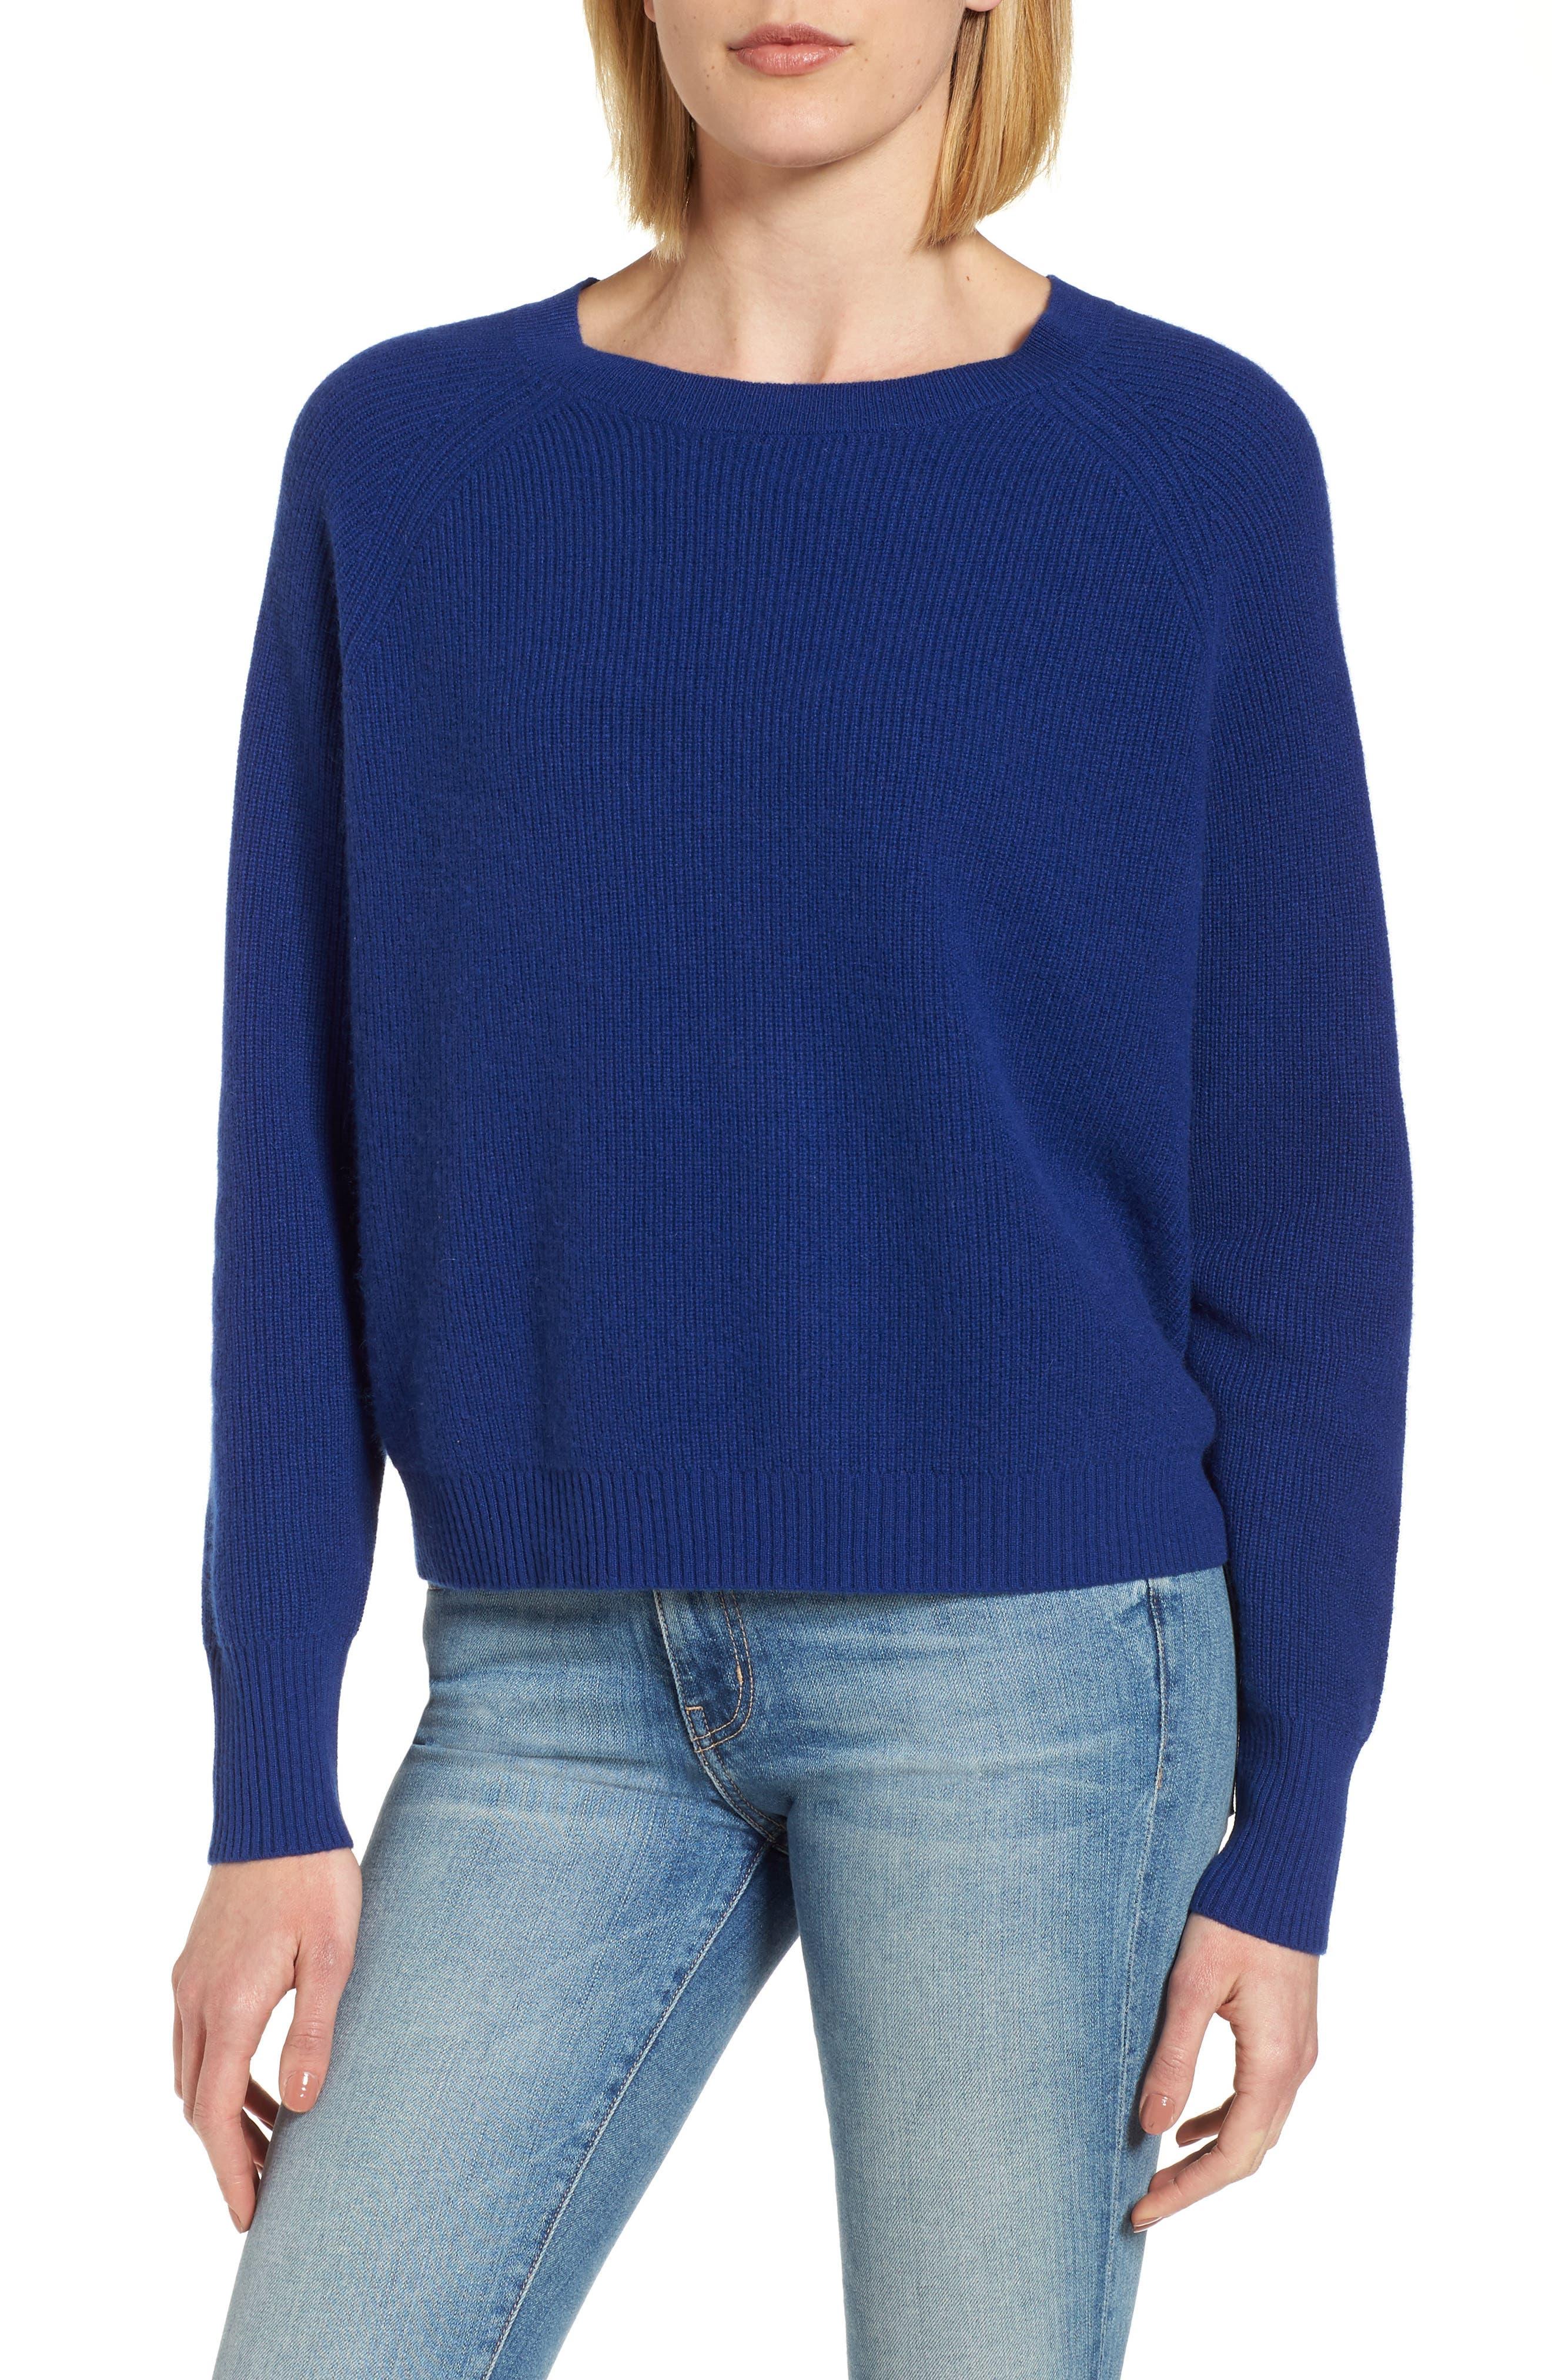 Cashmere Sweater,                             Main thumbnail 1, color,                             Coblt Blue